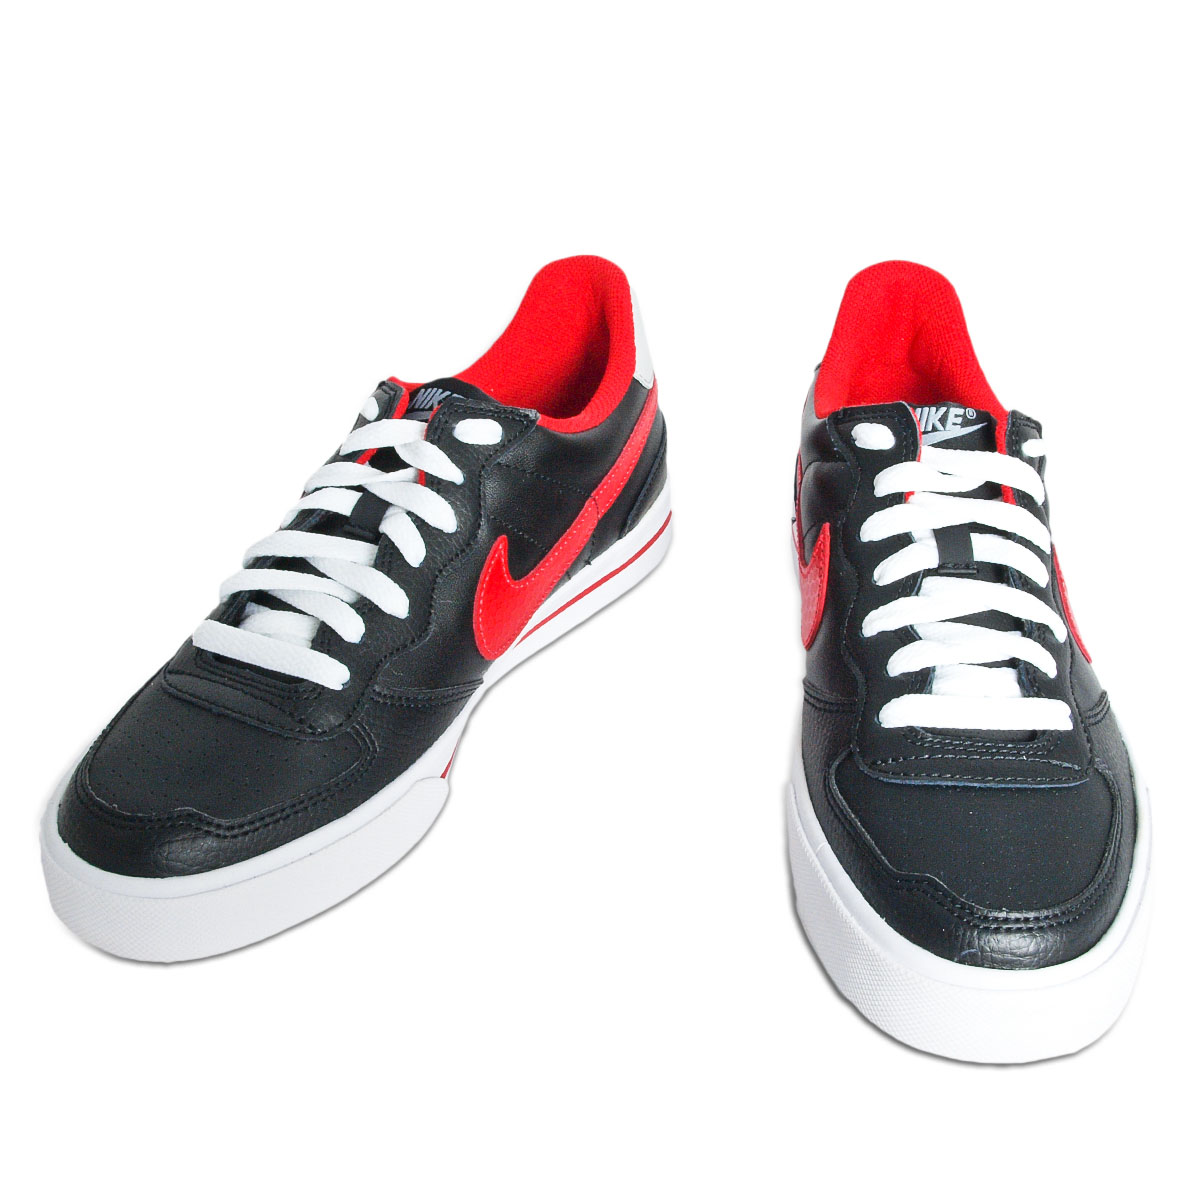 nike mens sweet ace 83 shoes size uk 6 10 5 ebay